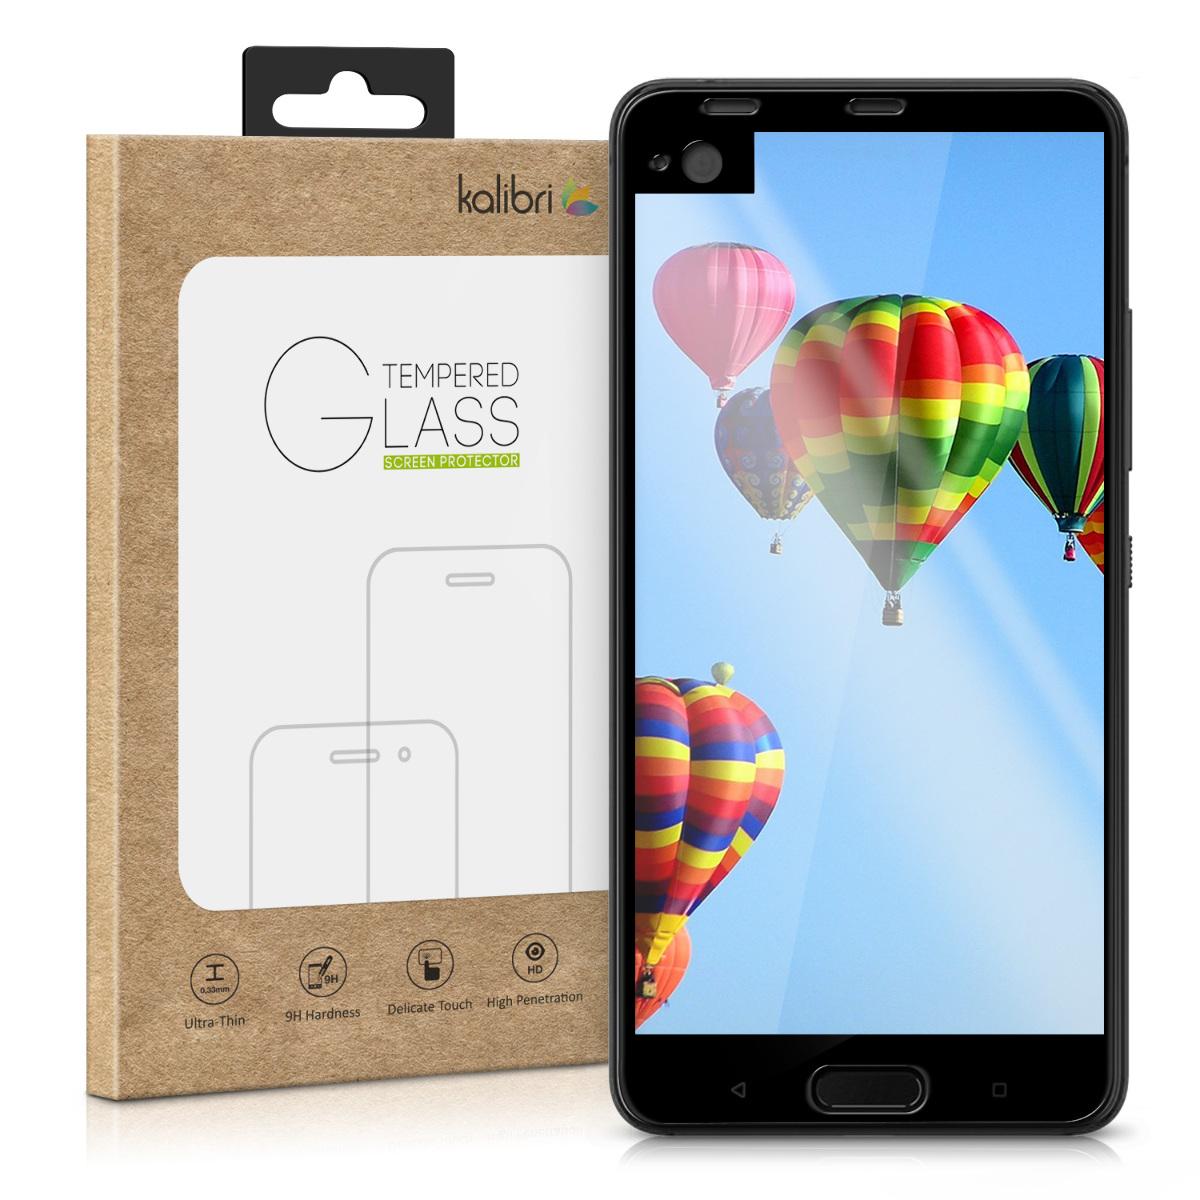 Kalibri Tempered Glass - Fullface Αντιχαρακτικό Γυαλί Οθόνης HTC U Ultra (41713.01)